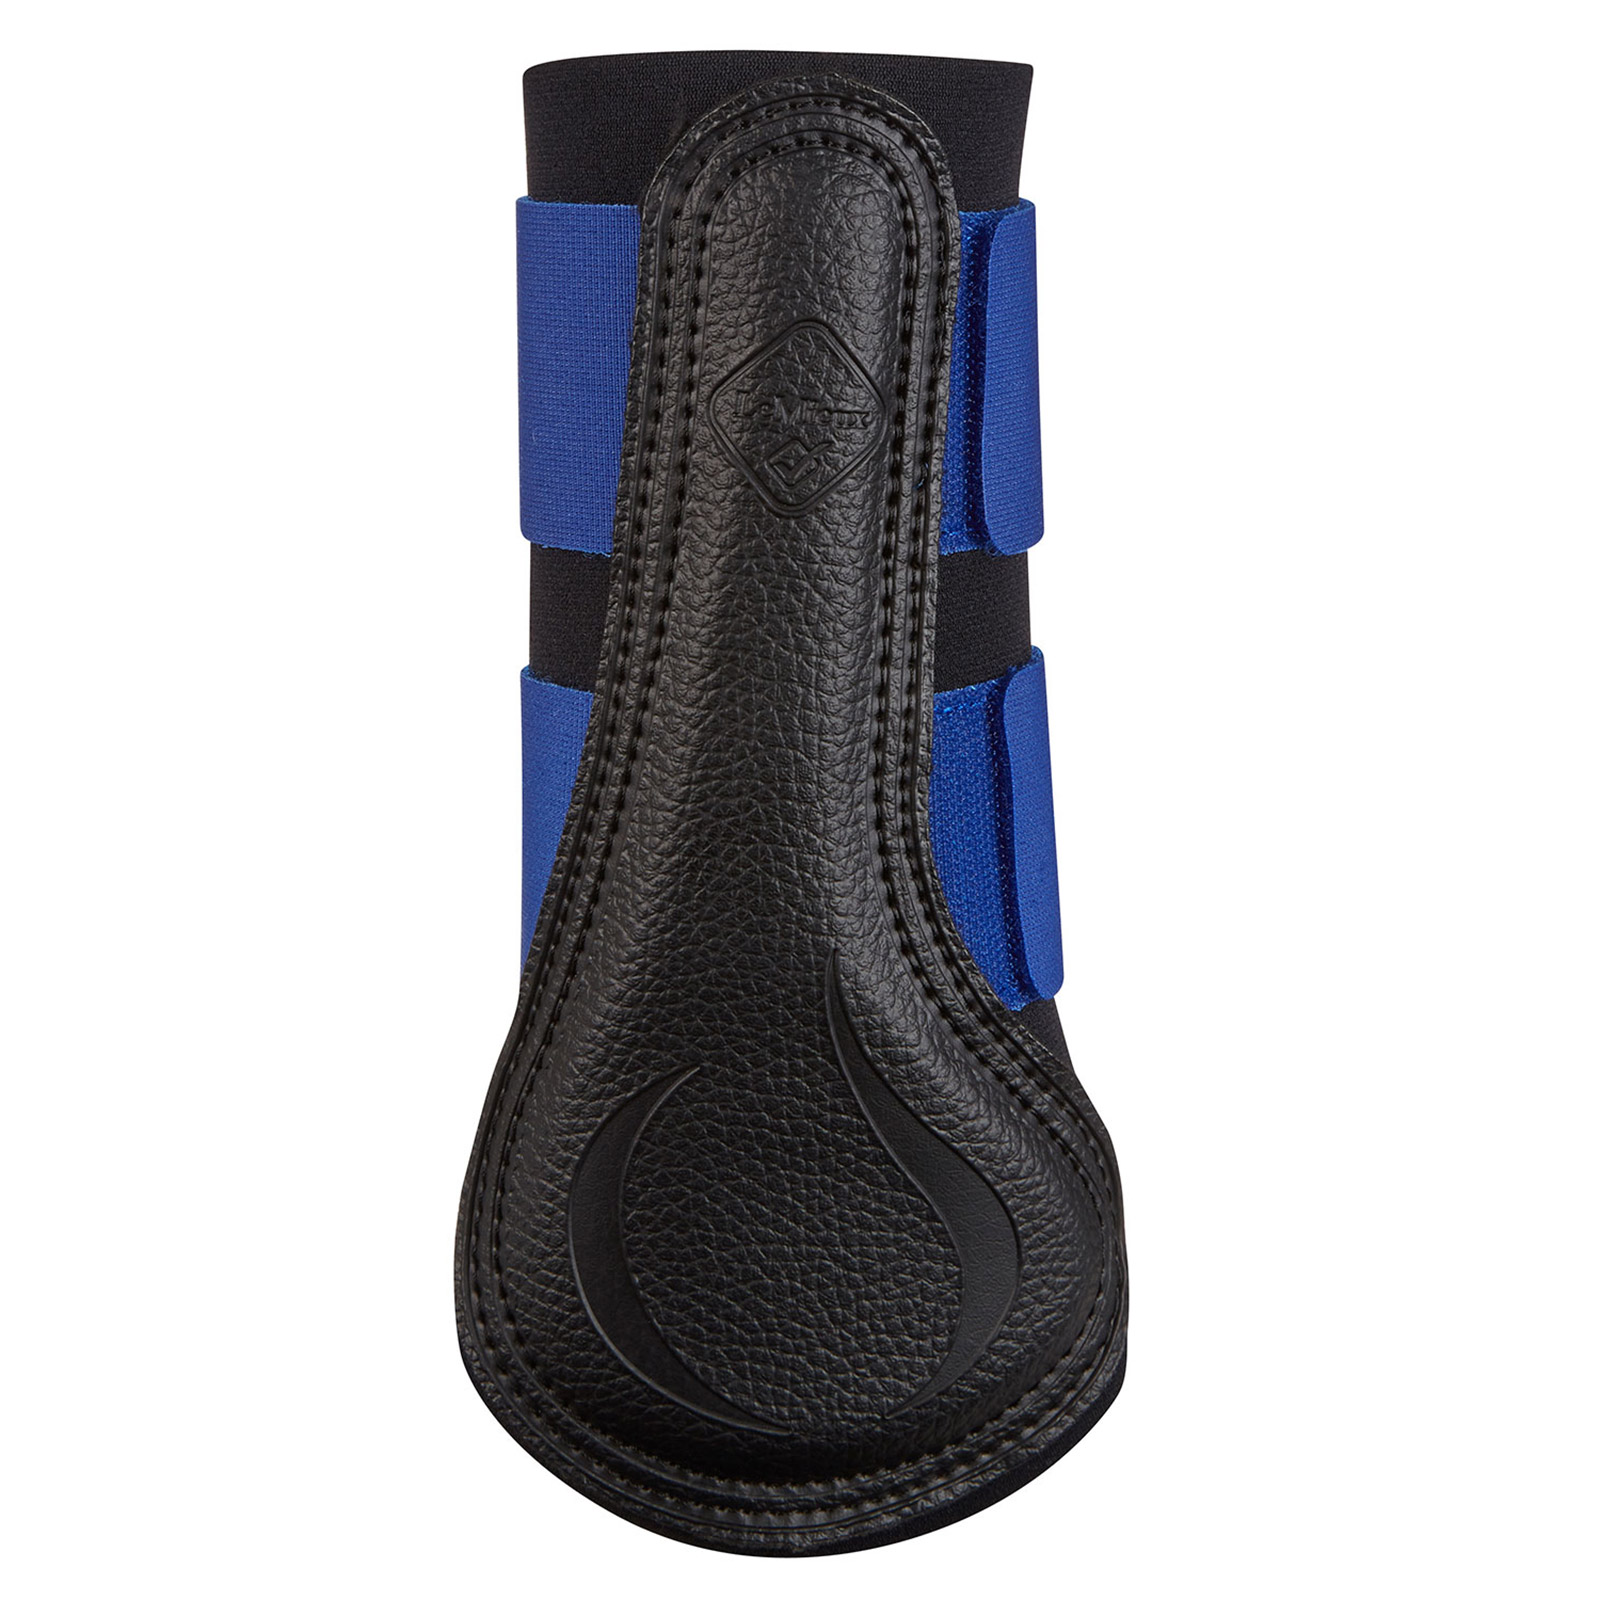 LEMIEUX-PROSPORT-Grafter-Brossage-Bottes-Leger-Protection miniature 4